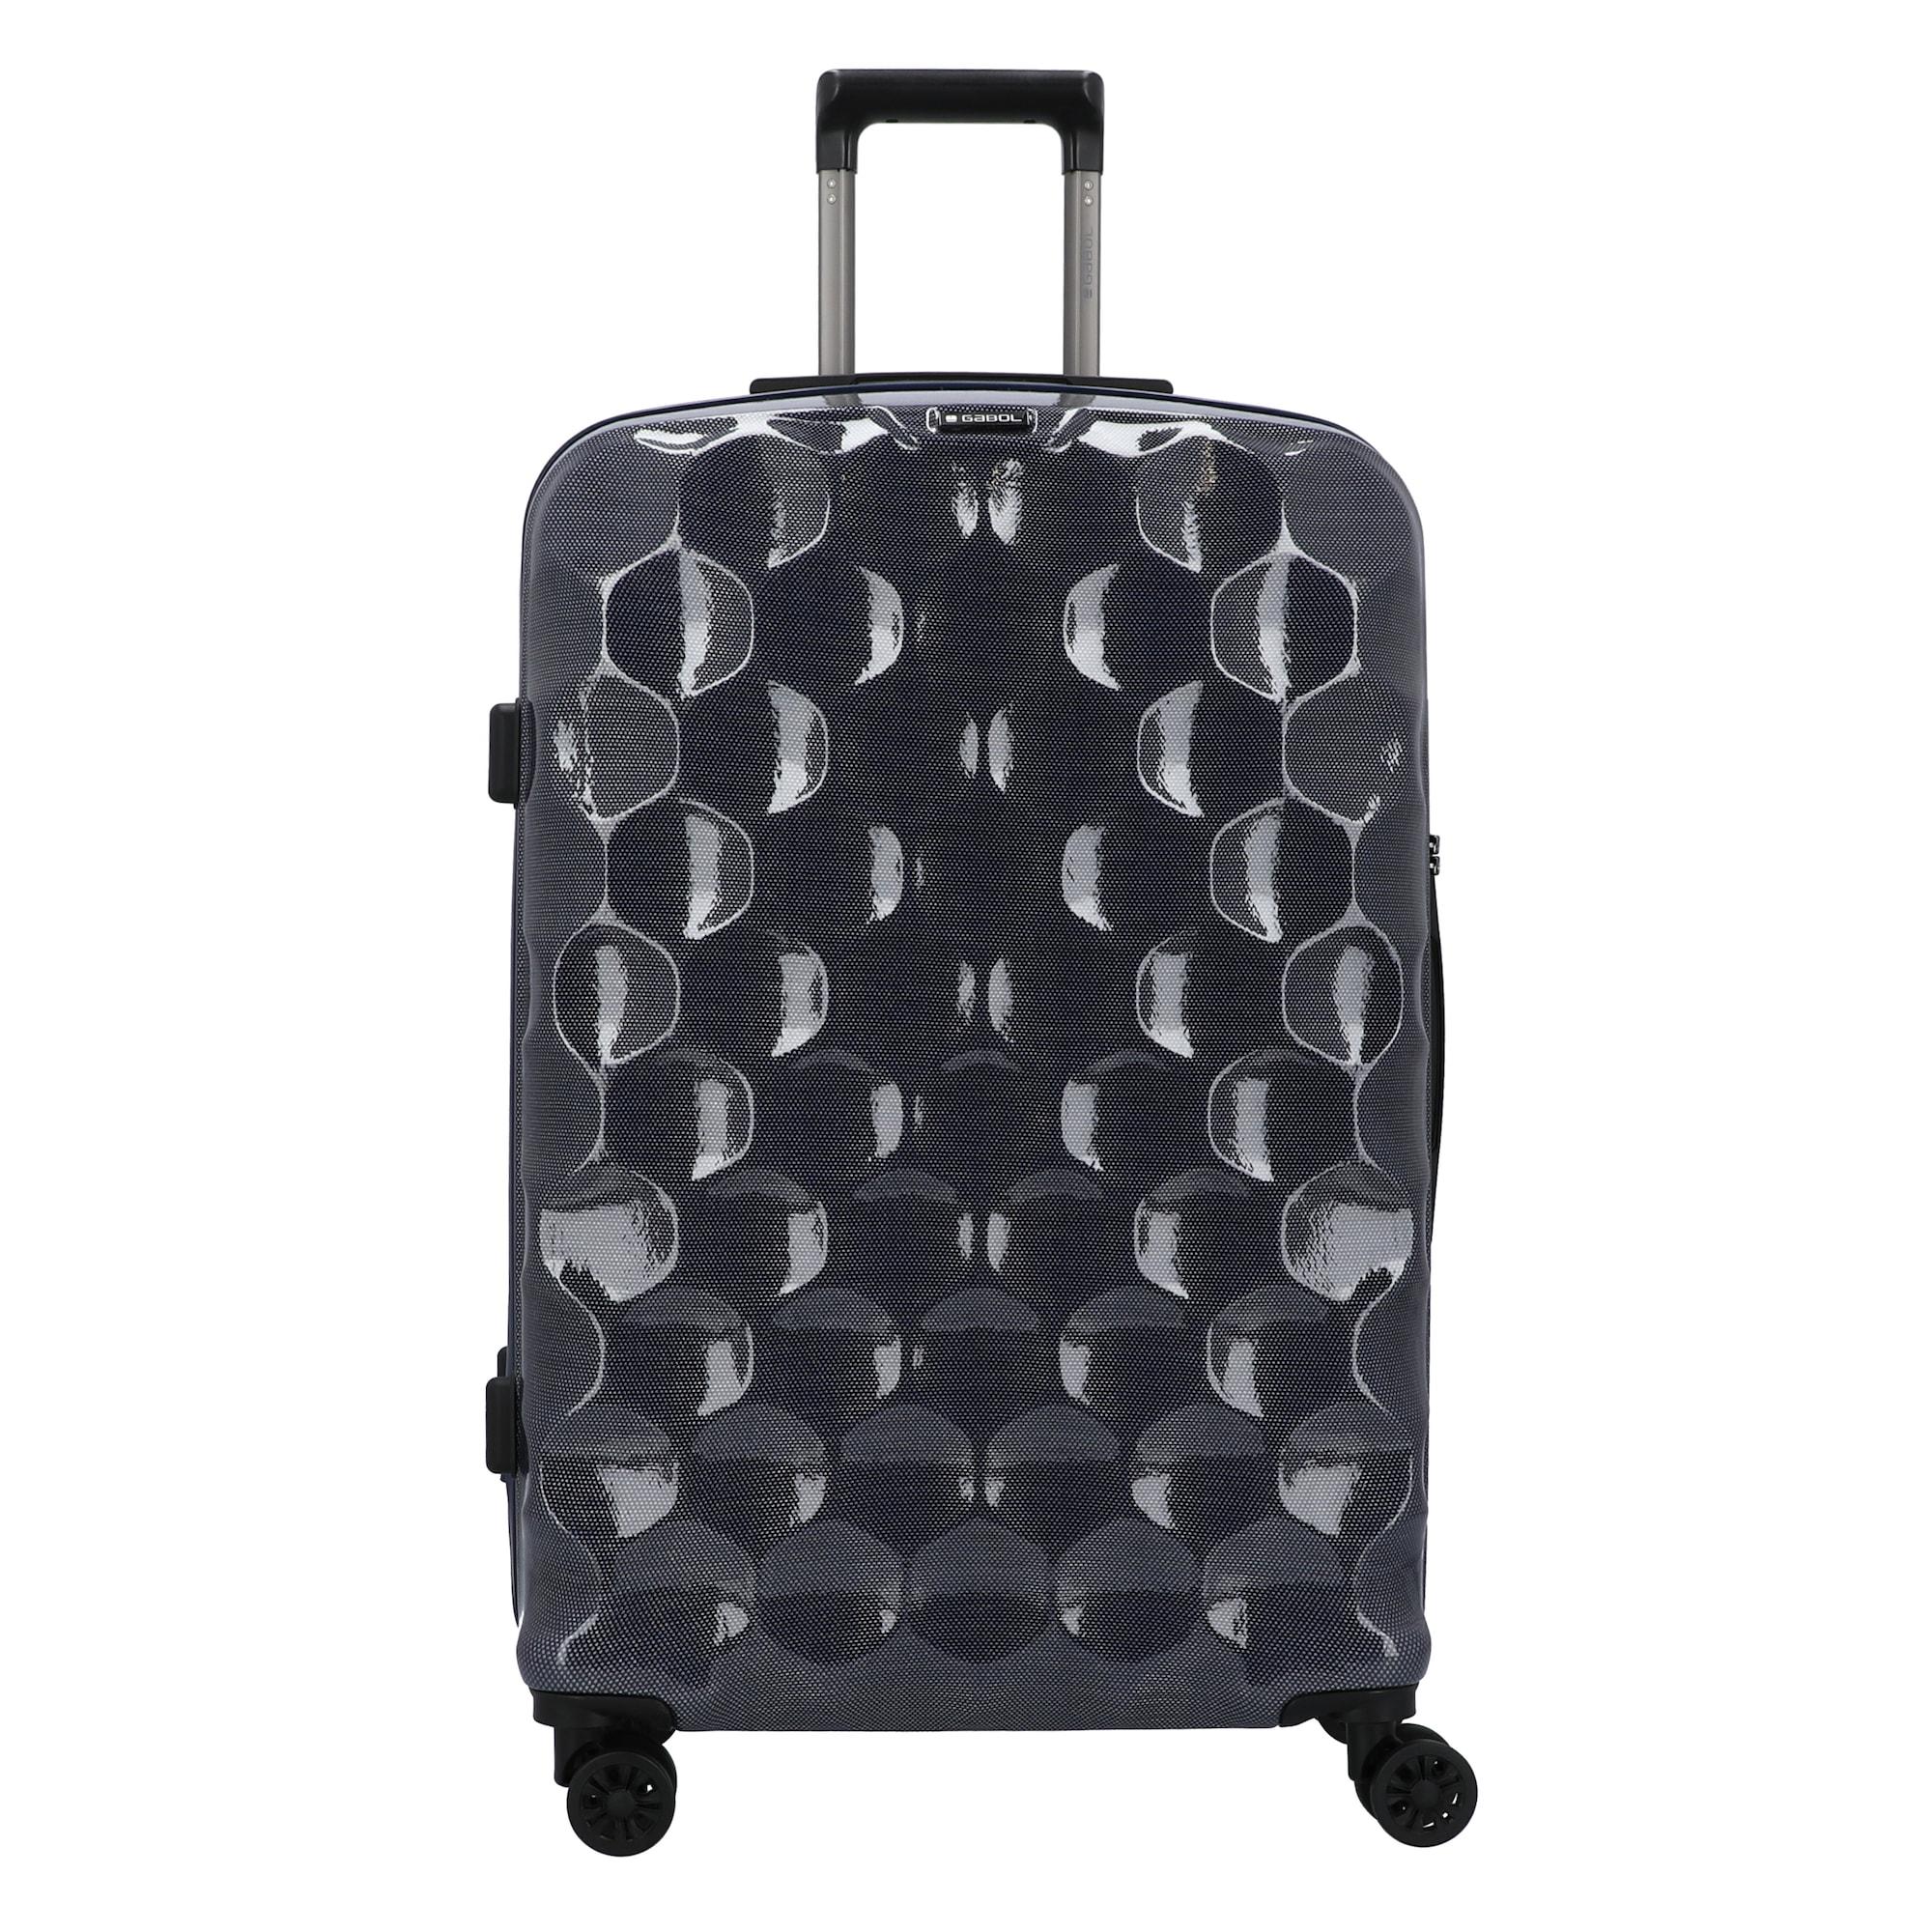 Trolley 'Air' | Taschen > Koffer & Trolleys > Trolleys | Gabol